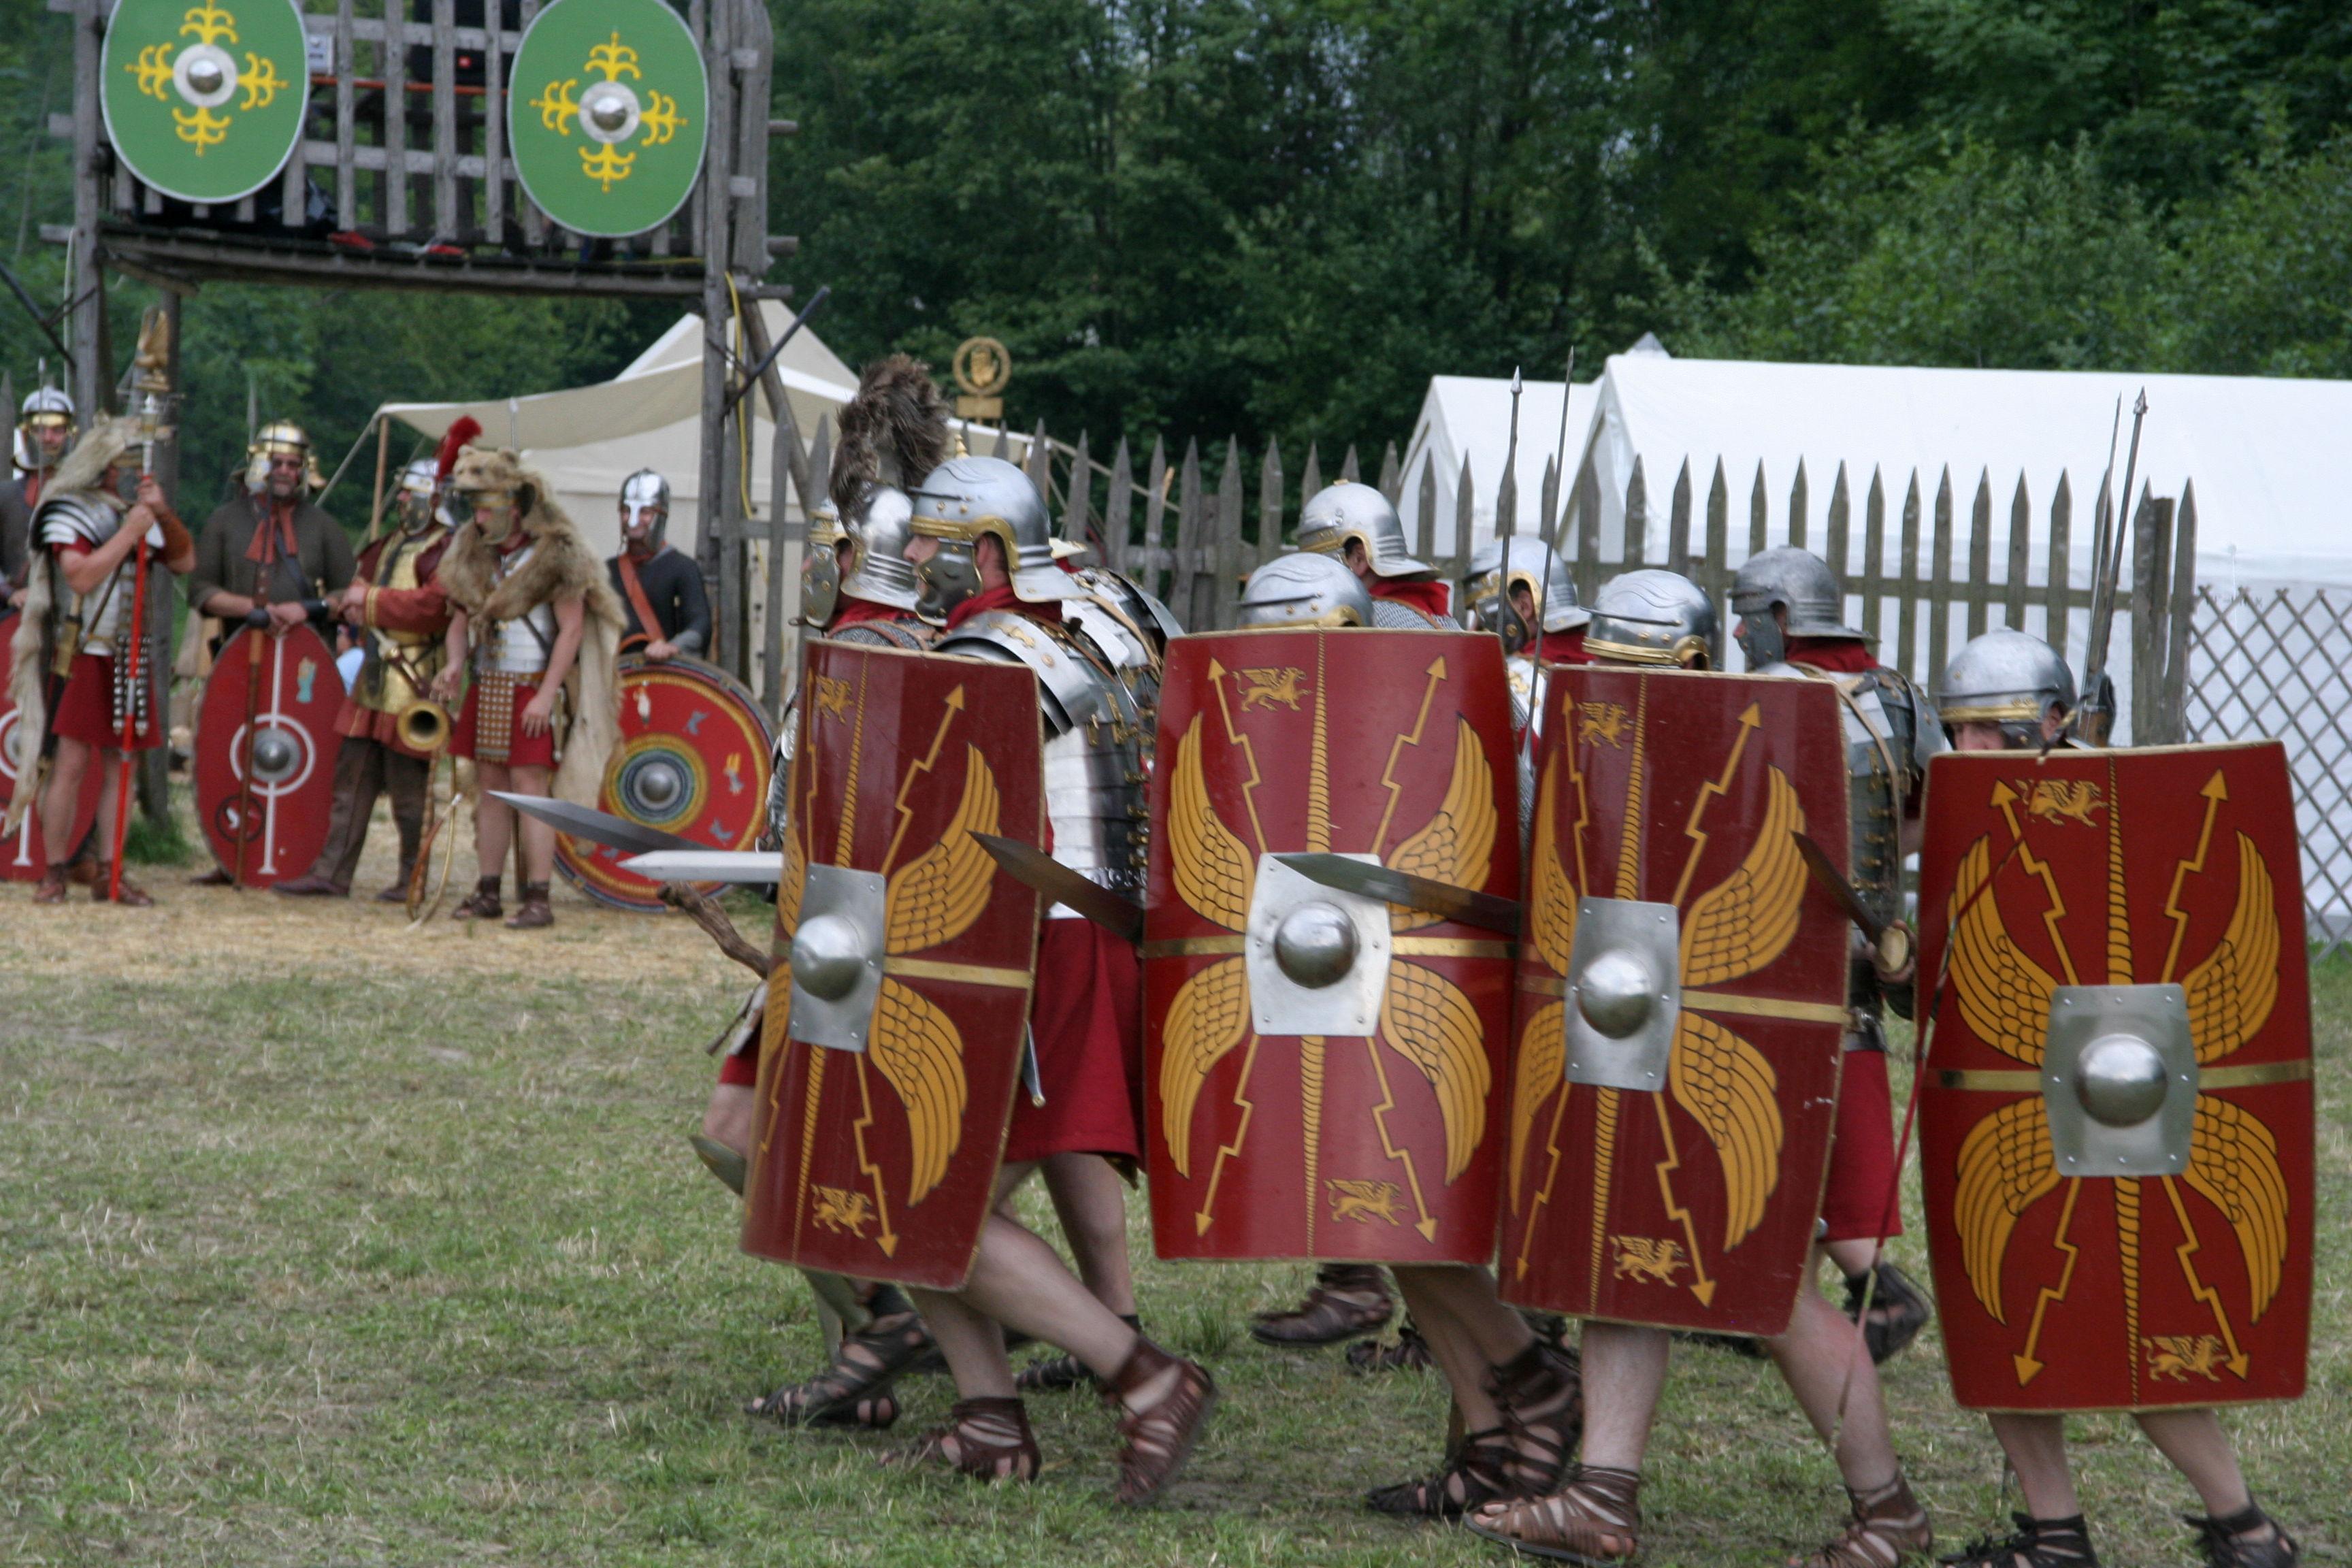 Unos actores de Pram (Austria) representando el avance de una legión romana en posición de ataque.